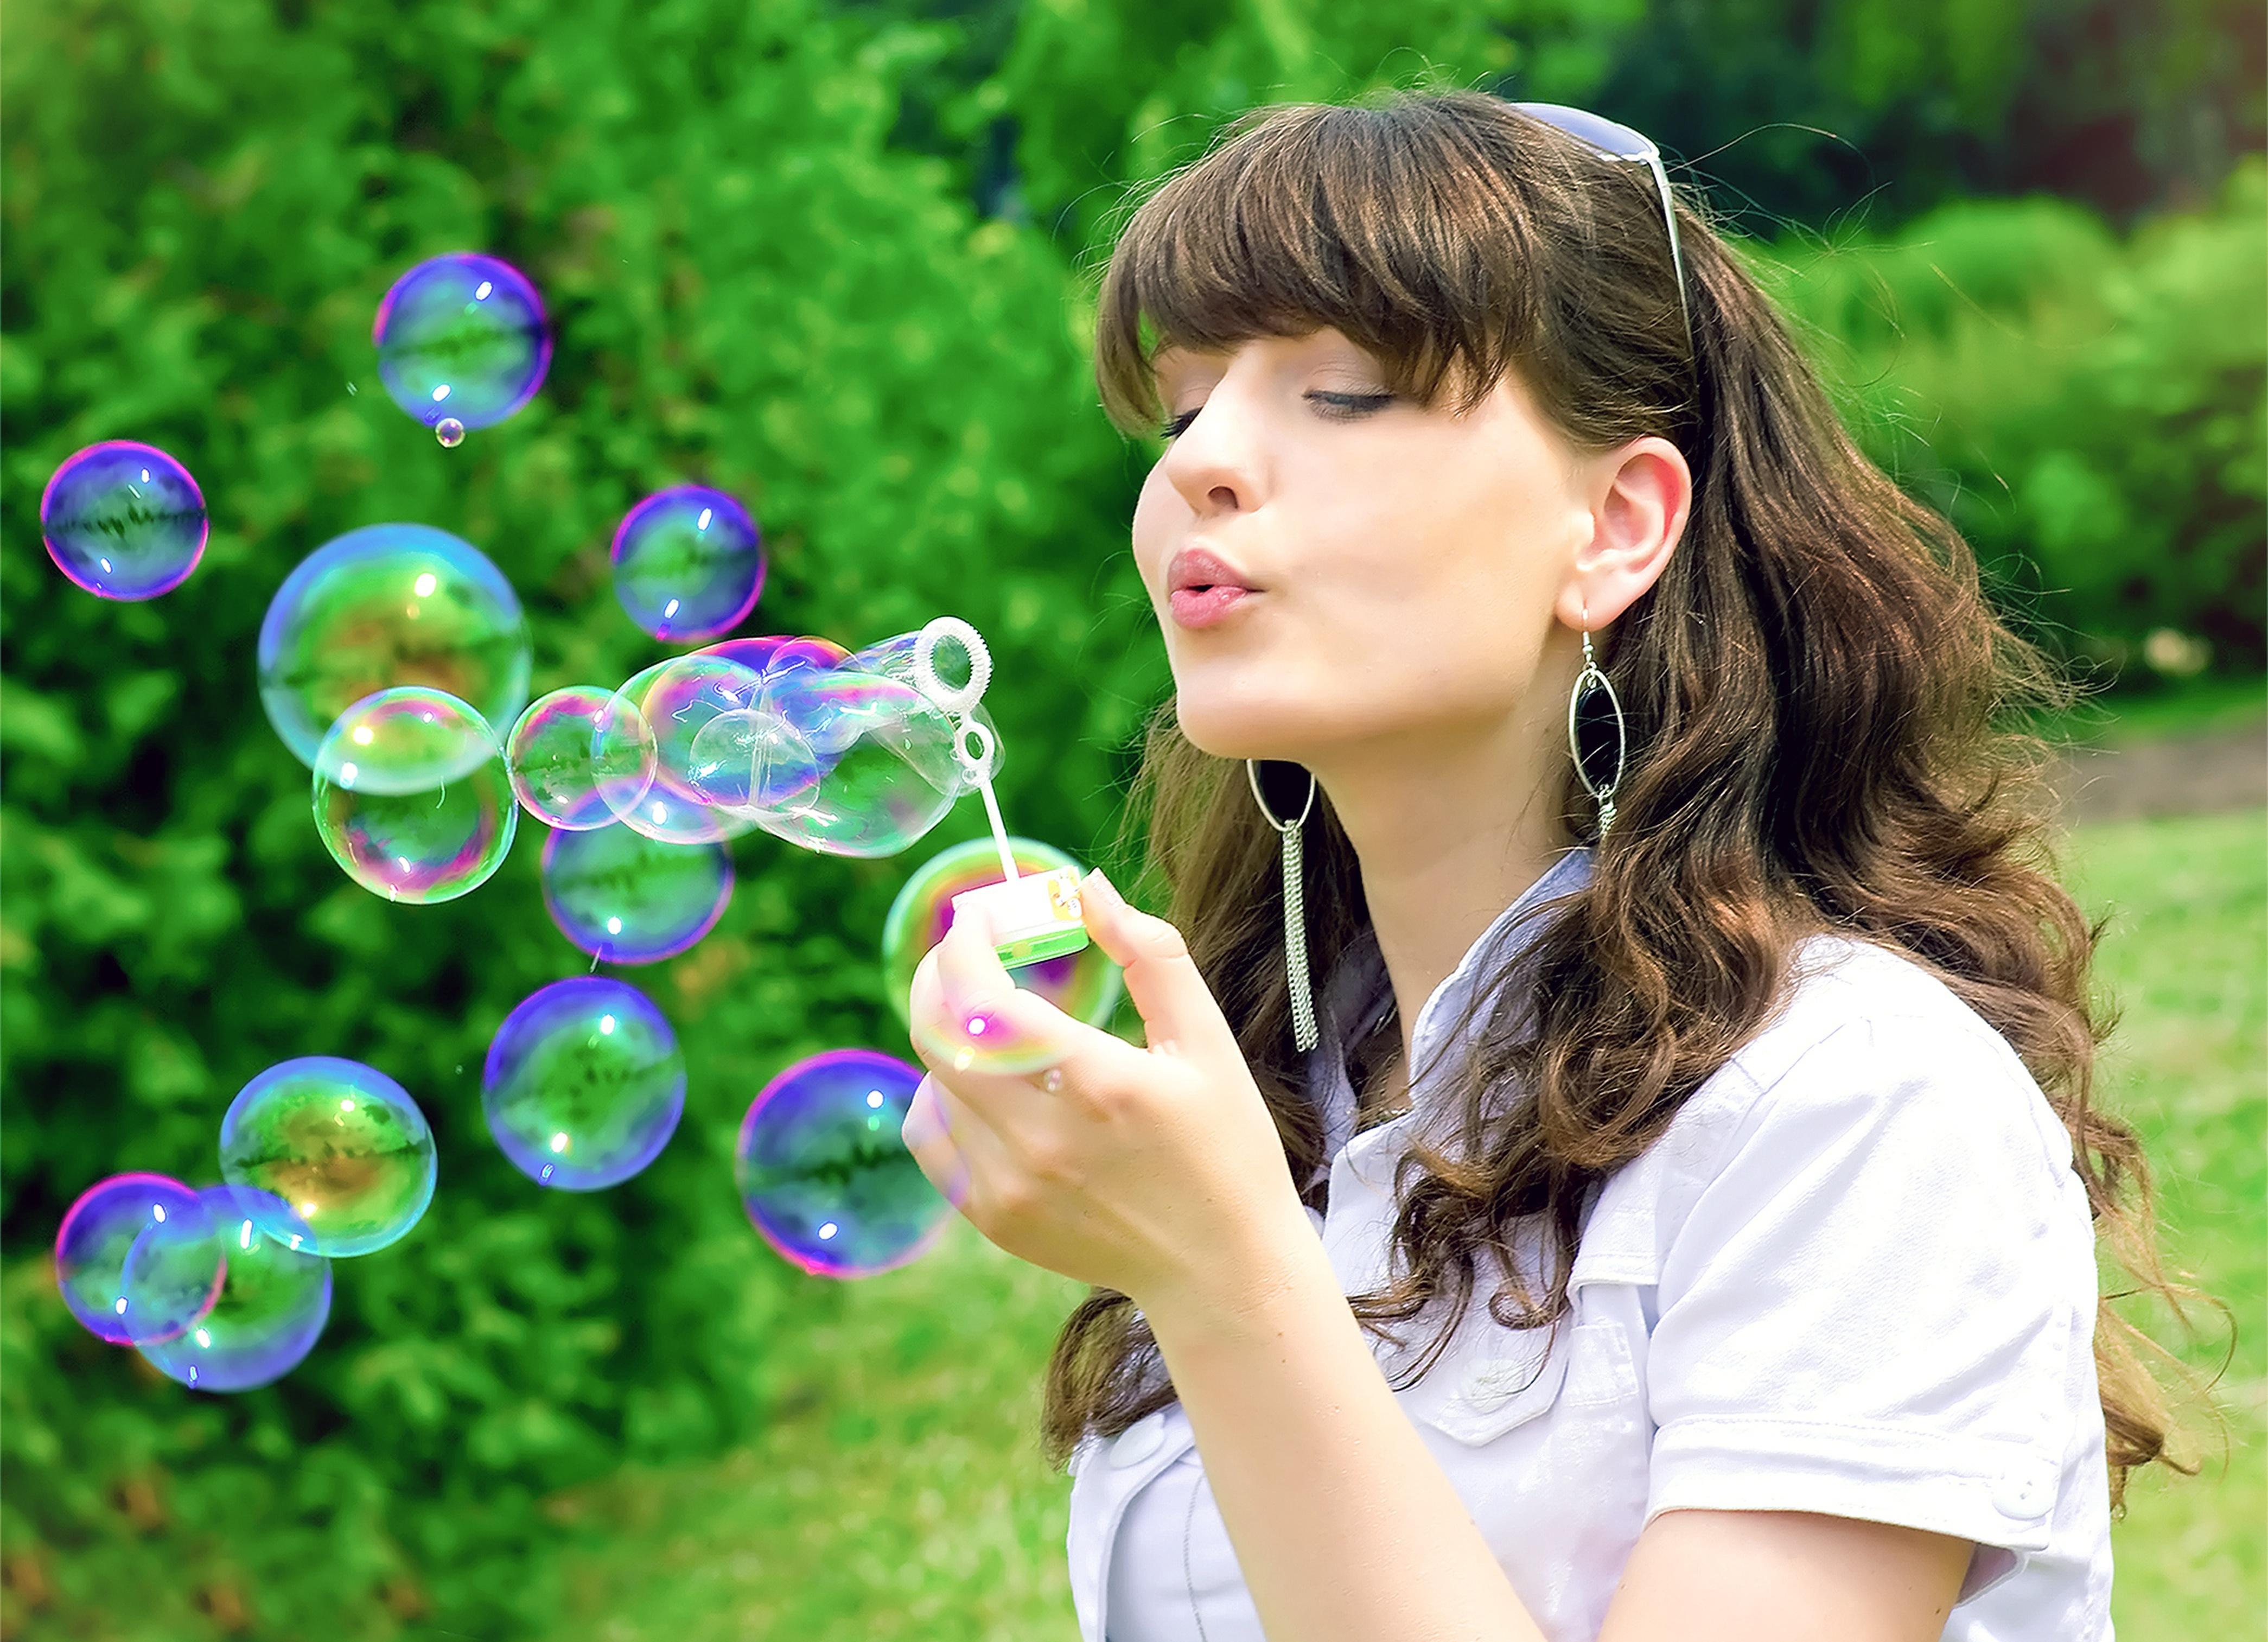 Девочка и мыльные пузыри картинки